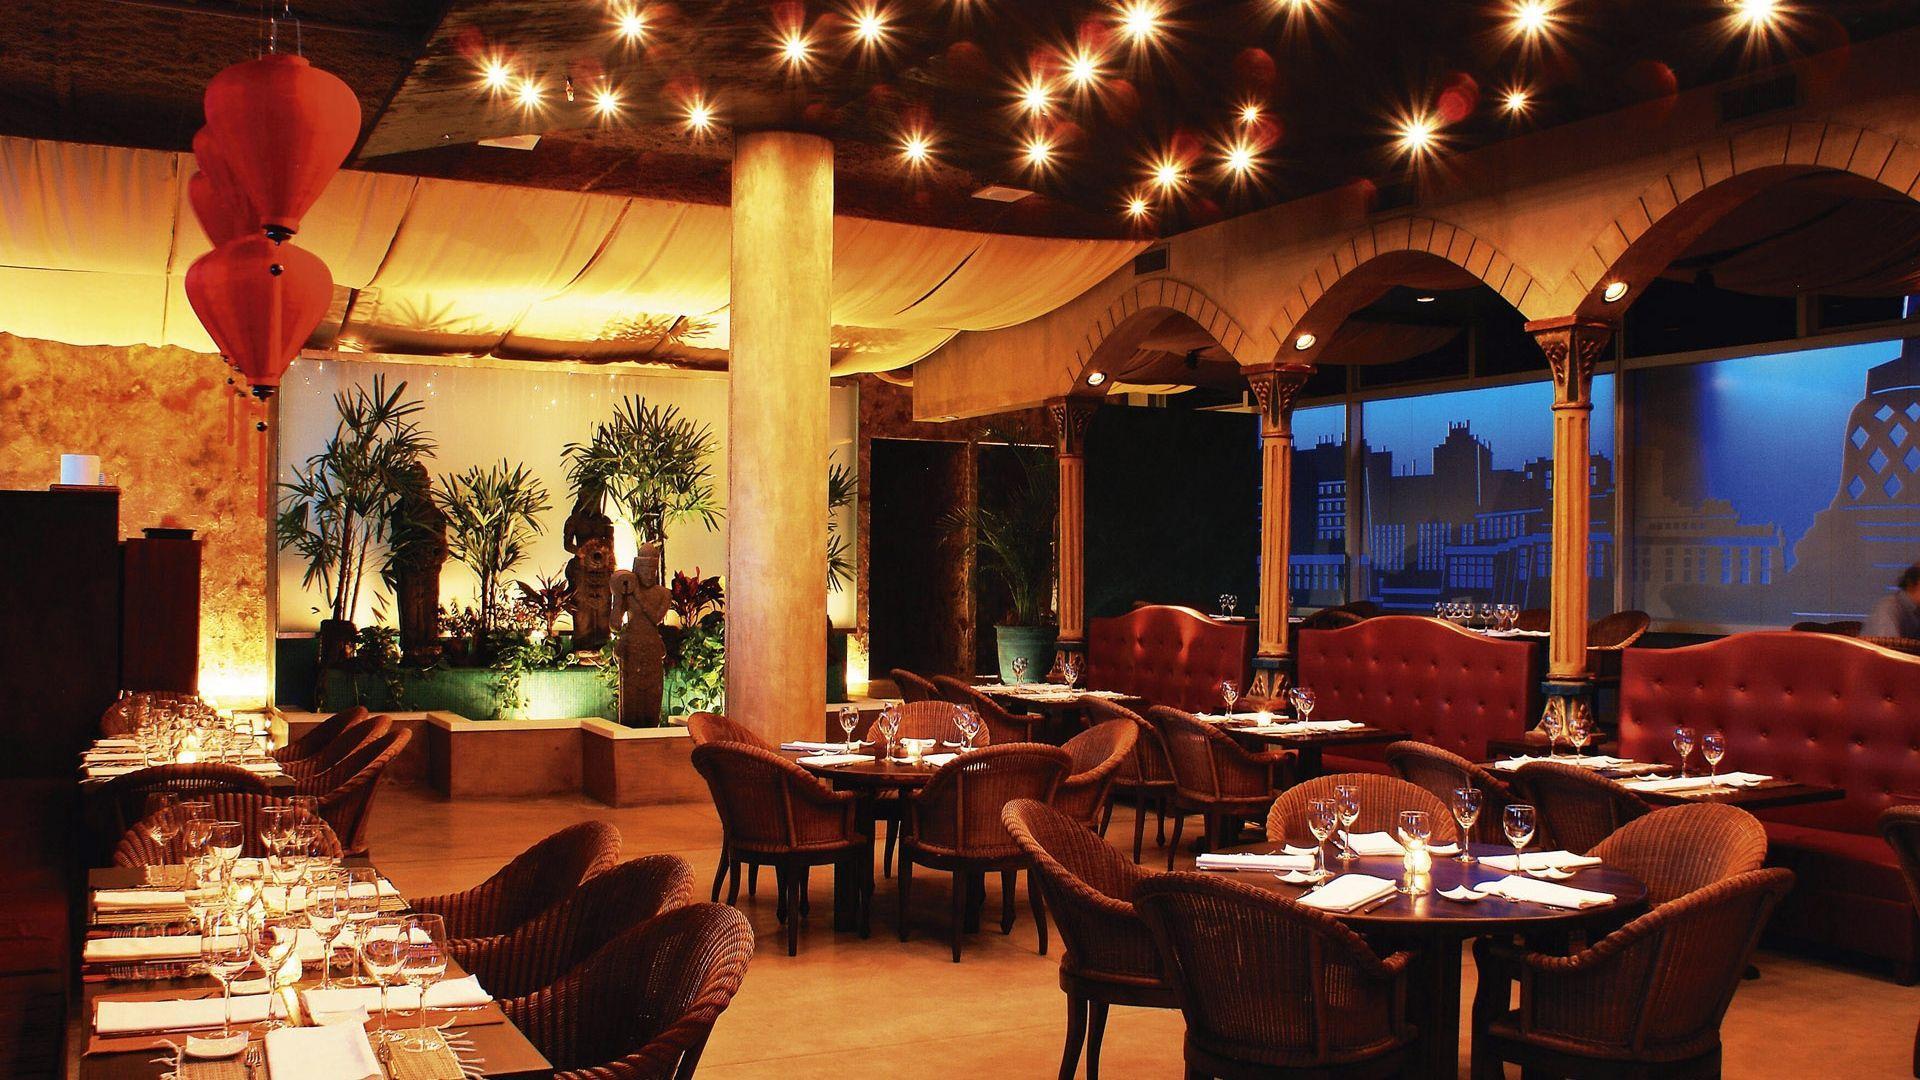 Best Casino Restaurants in the World